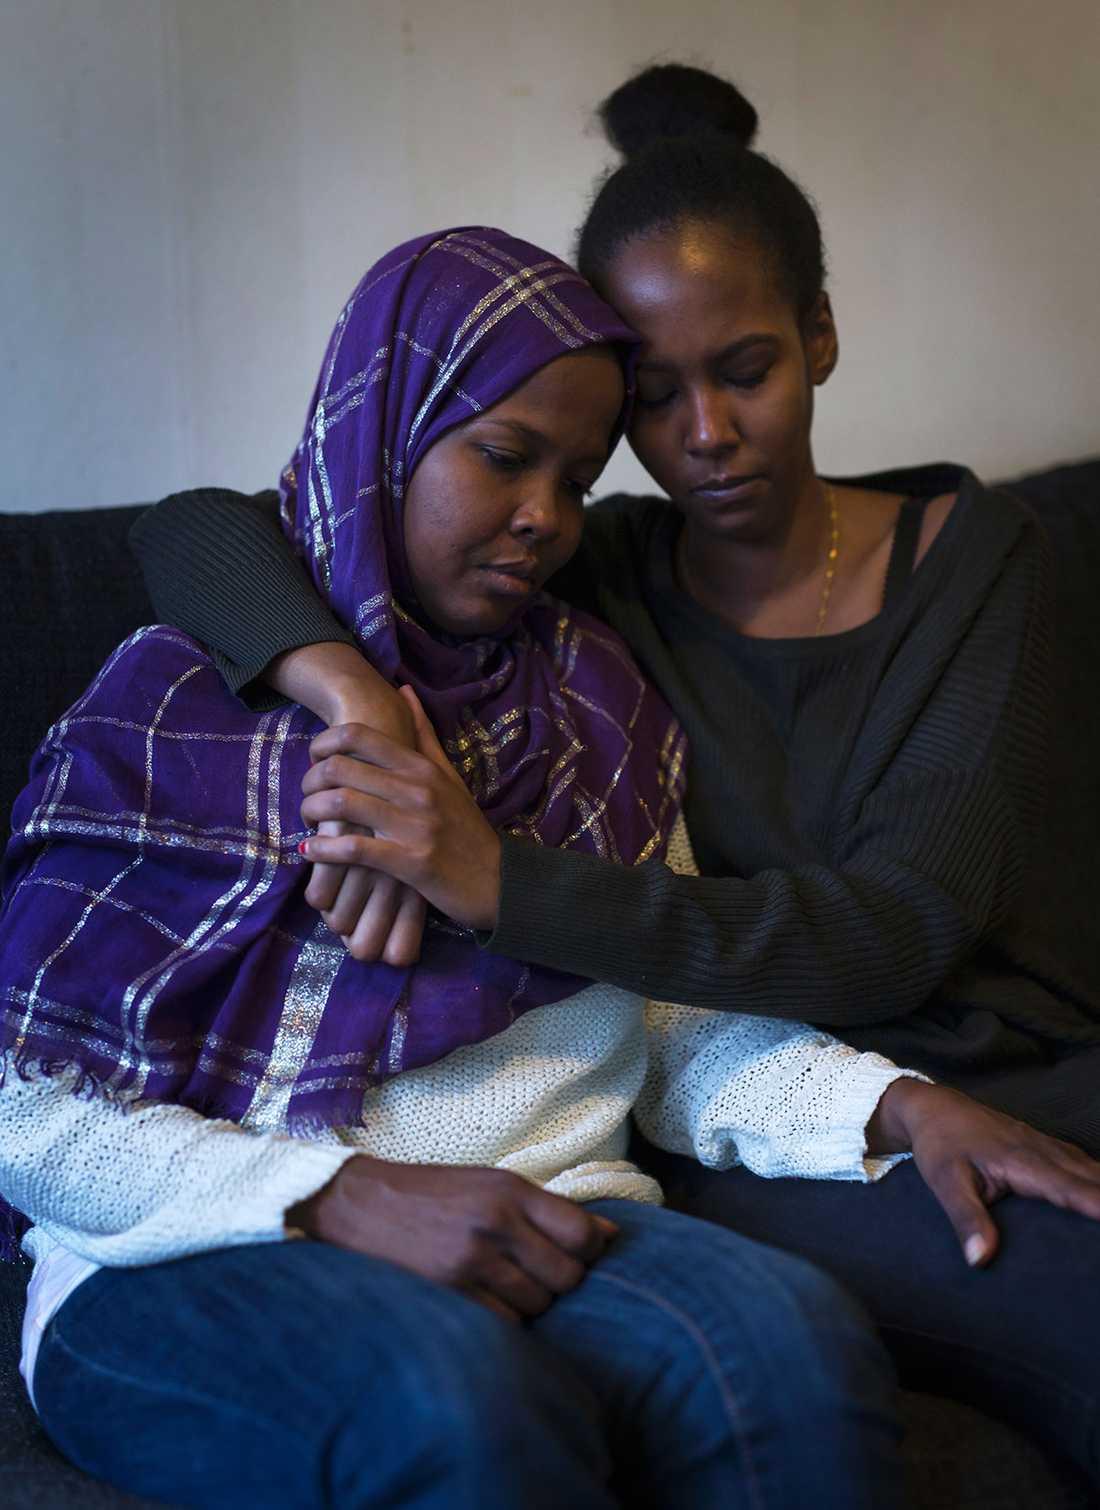 Ayaan Nur vars dotter Anisah dog i en trafikolycka i USA. Här med syster Mona Nur, moster till Anisha som stod henne nära.